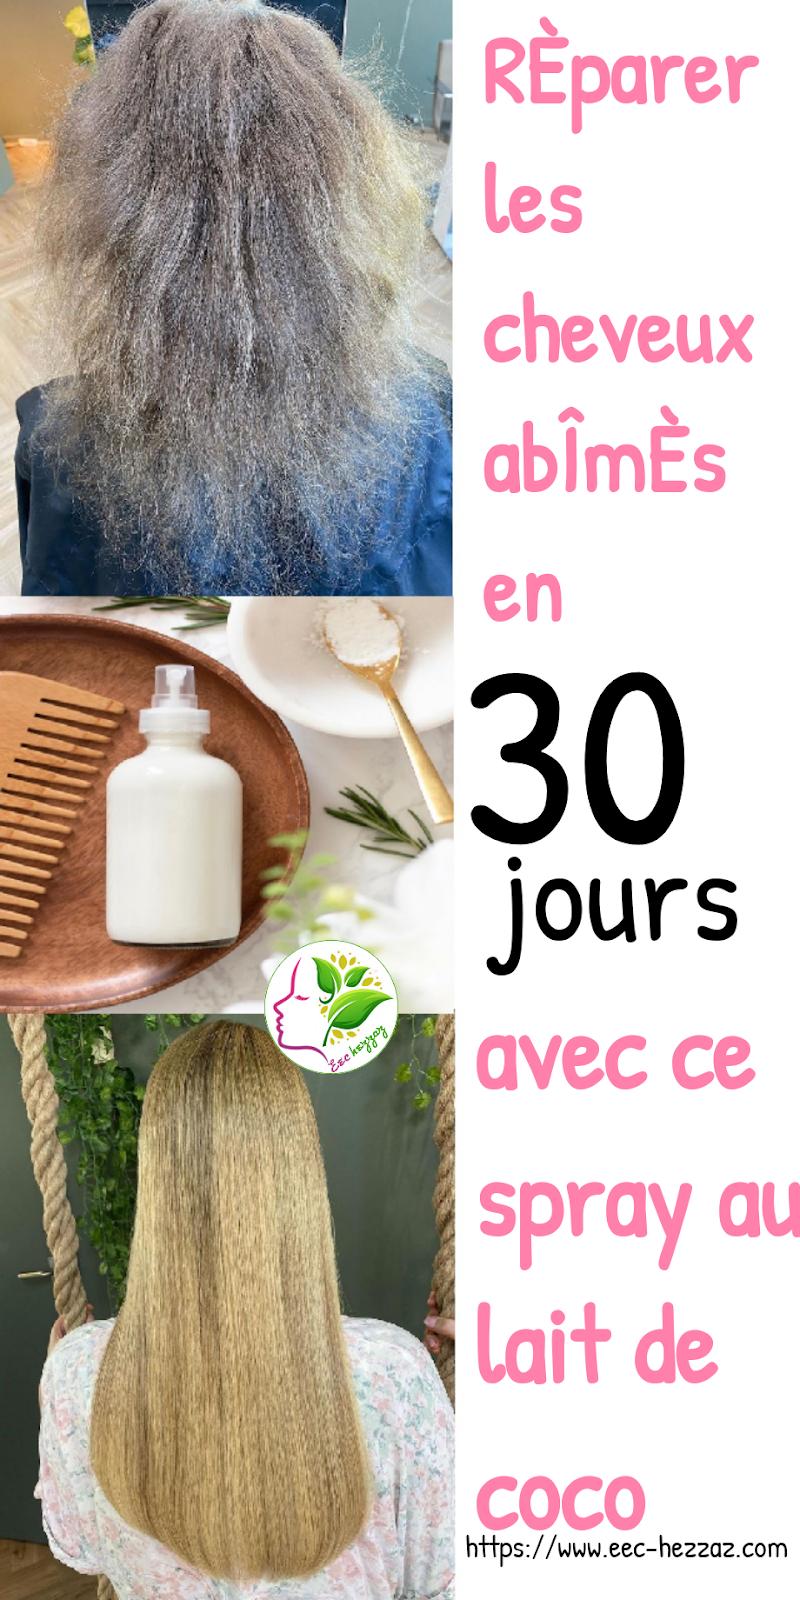 Réparer les cheveux abîmés en 30 jours avec ce spray au lait de coco